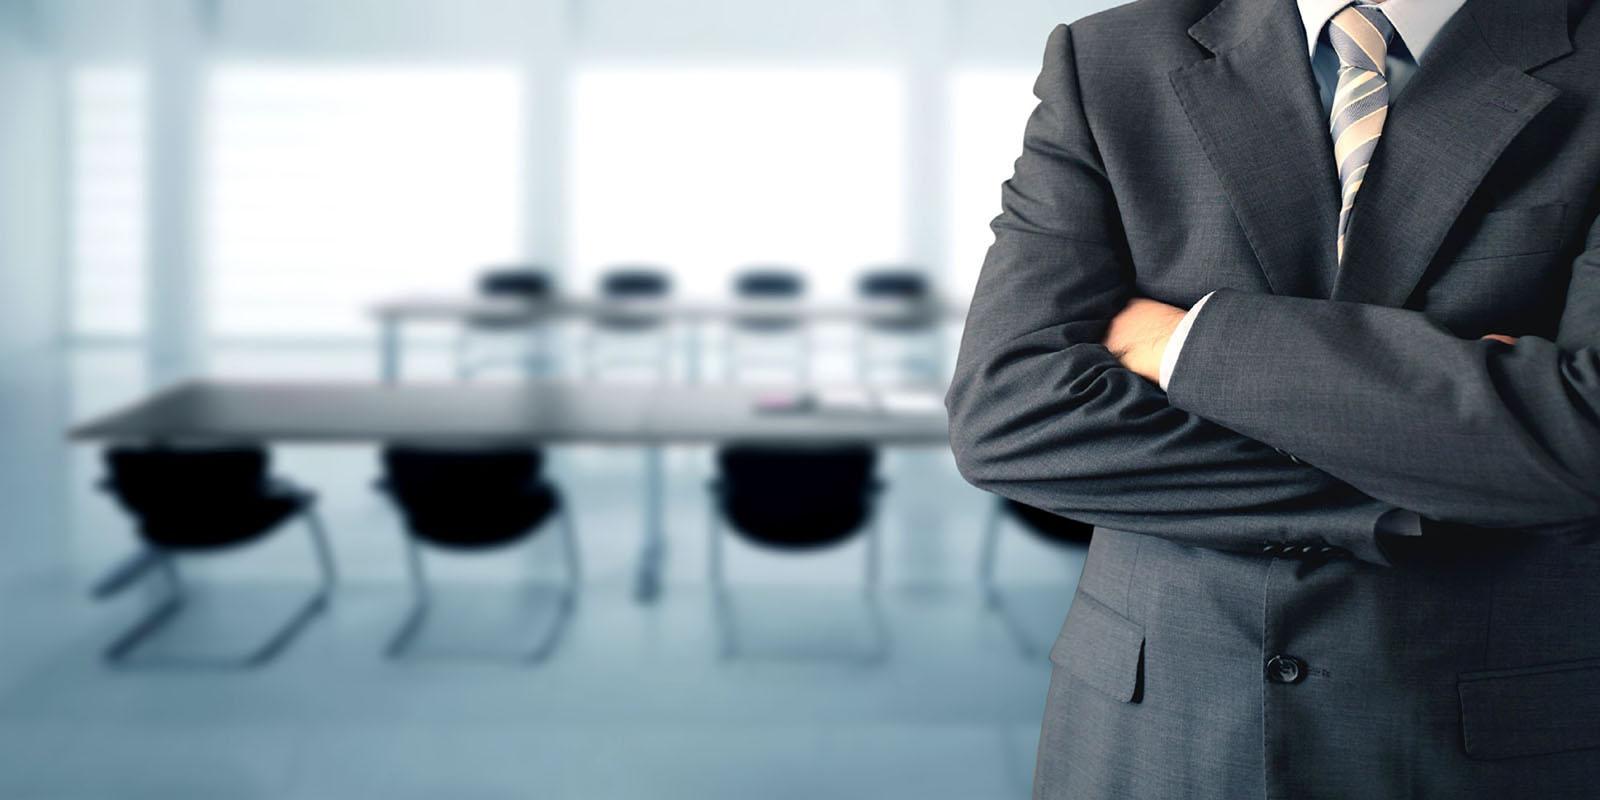 ثبت شرکت ، ثبت برند ، ثبت شرکت براتی اتباع خارجه ، کارت بازرگانی و کد اقتصادی (2)